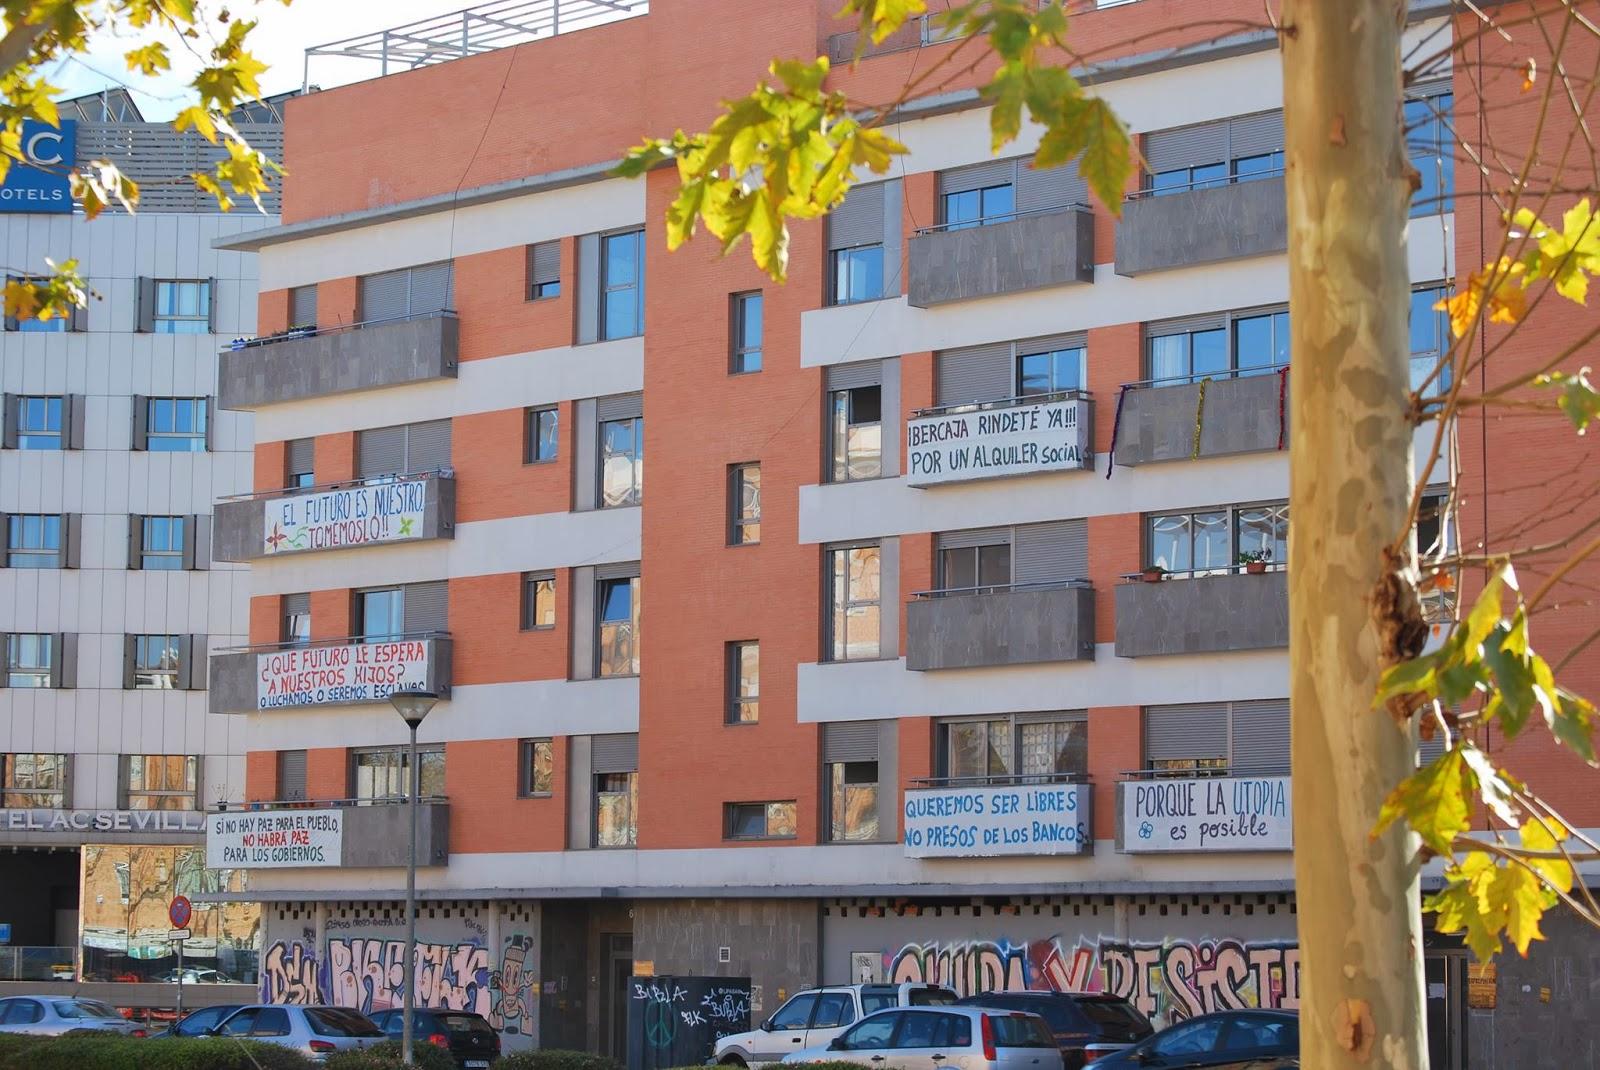 El n mero de viviendas okupadas en la comunidad de madrid for Oficina de vivienda comunidad de madrid